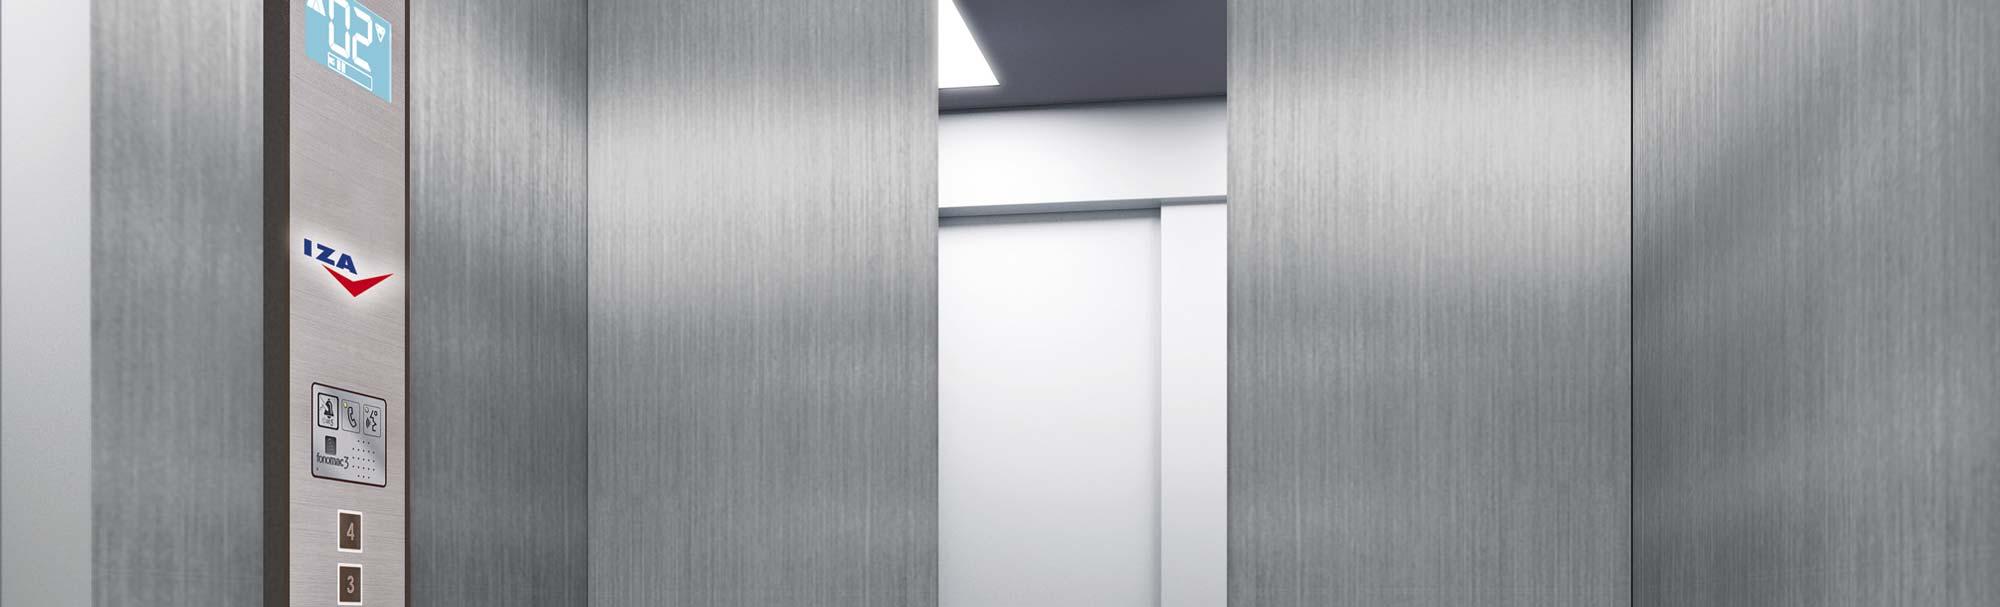 Instalación de ascensores en Bizkaia y Álava para obra nueva y edificios sin ascensor